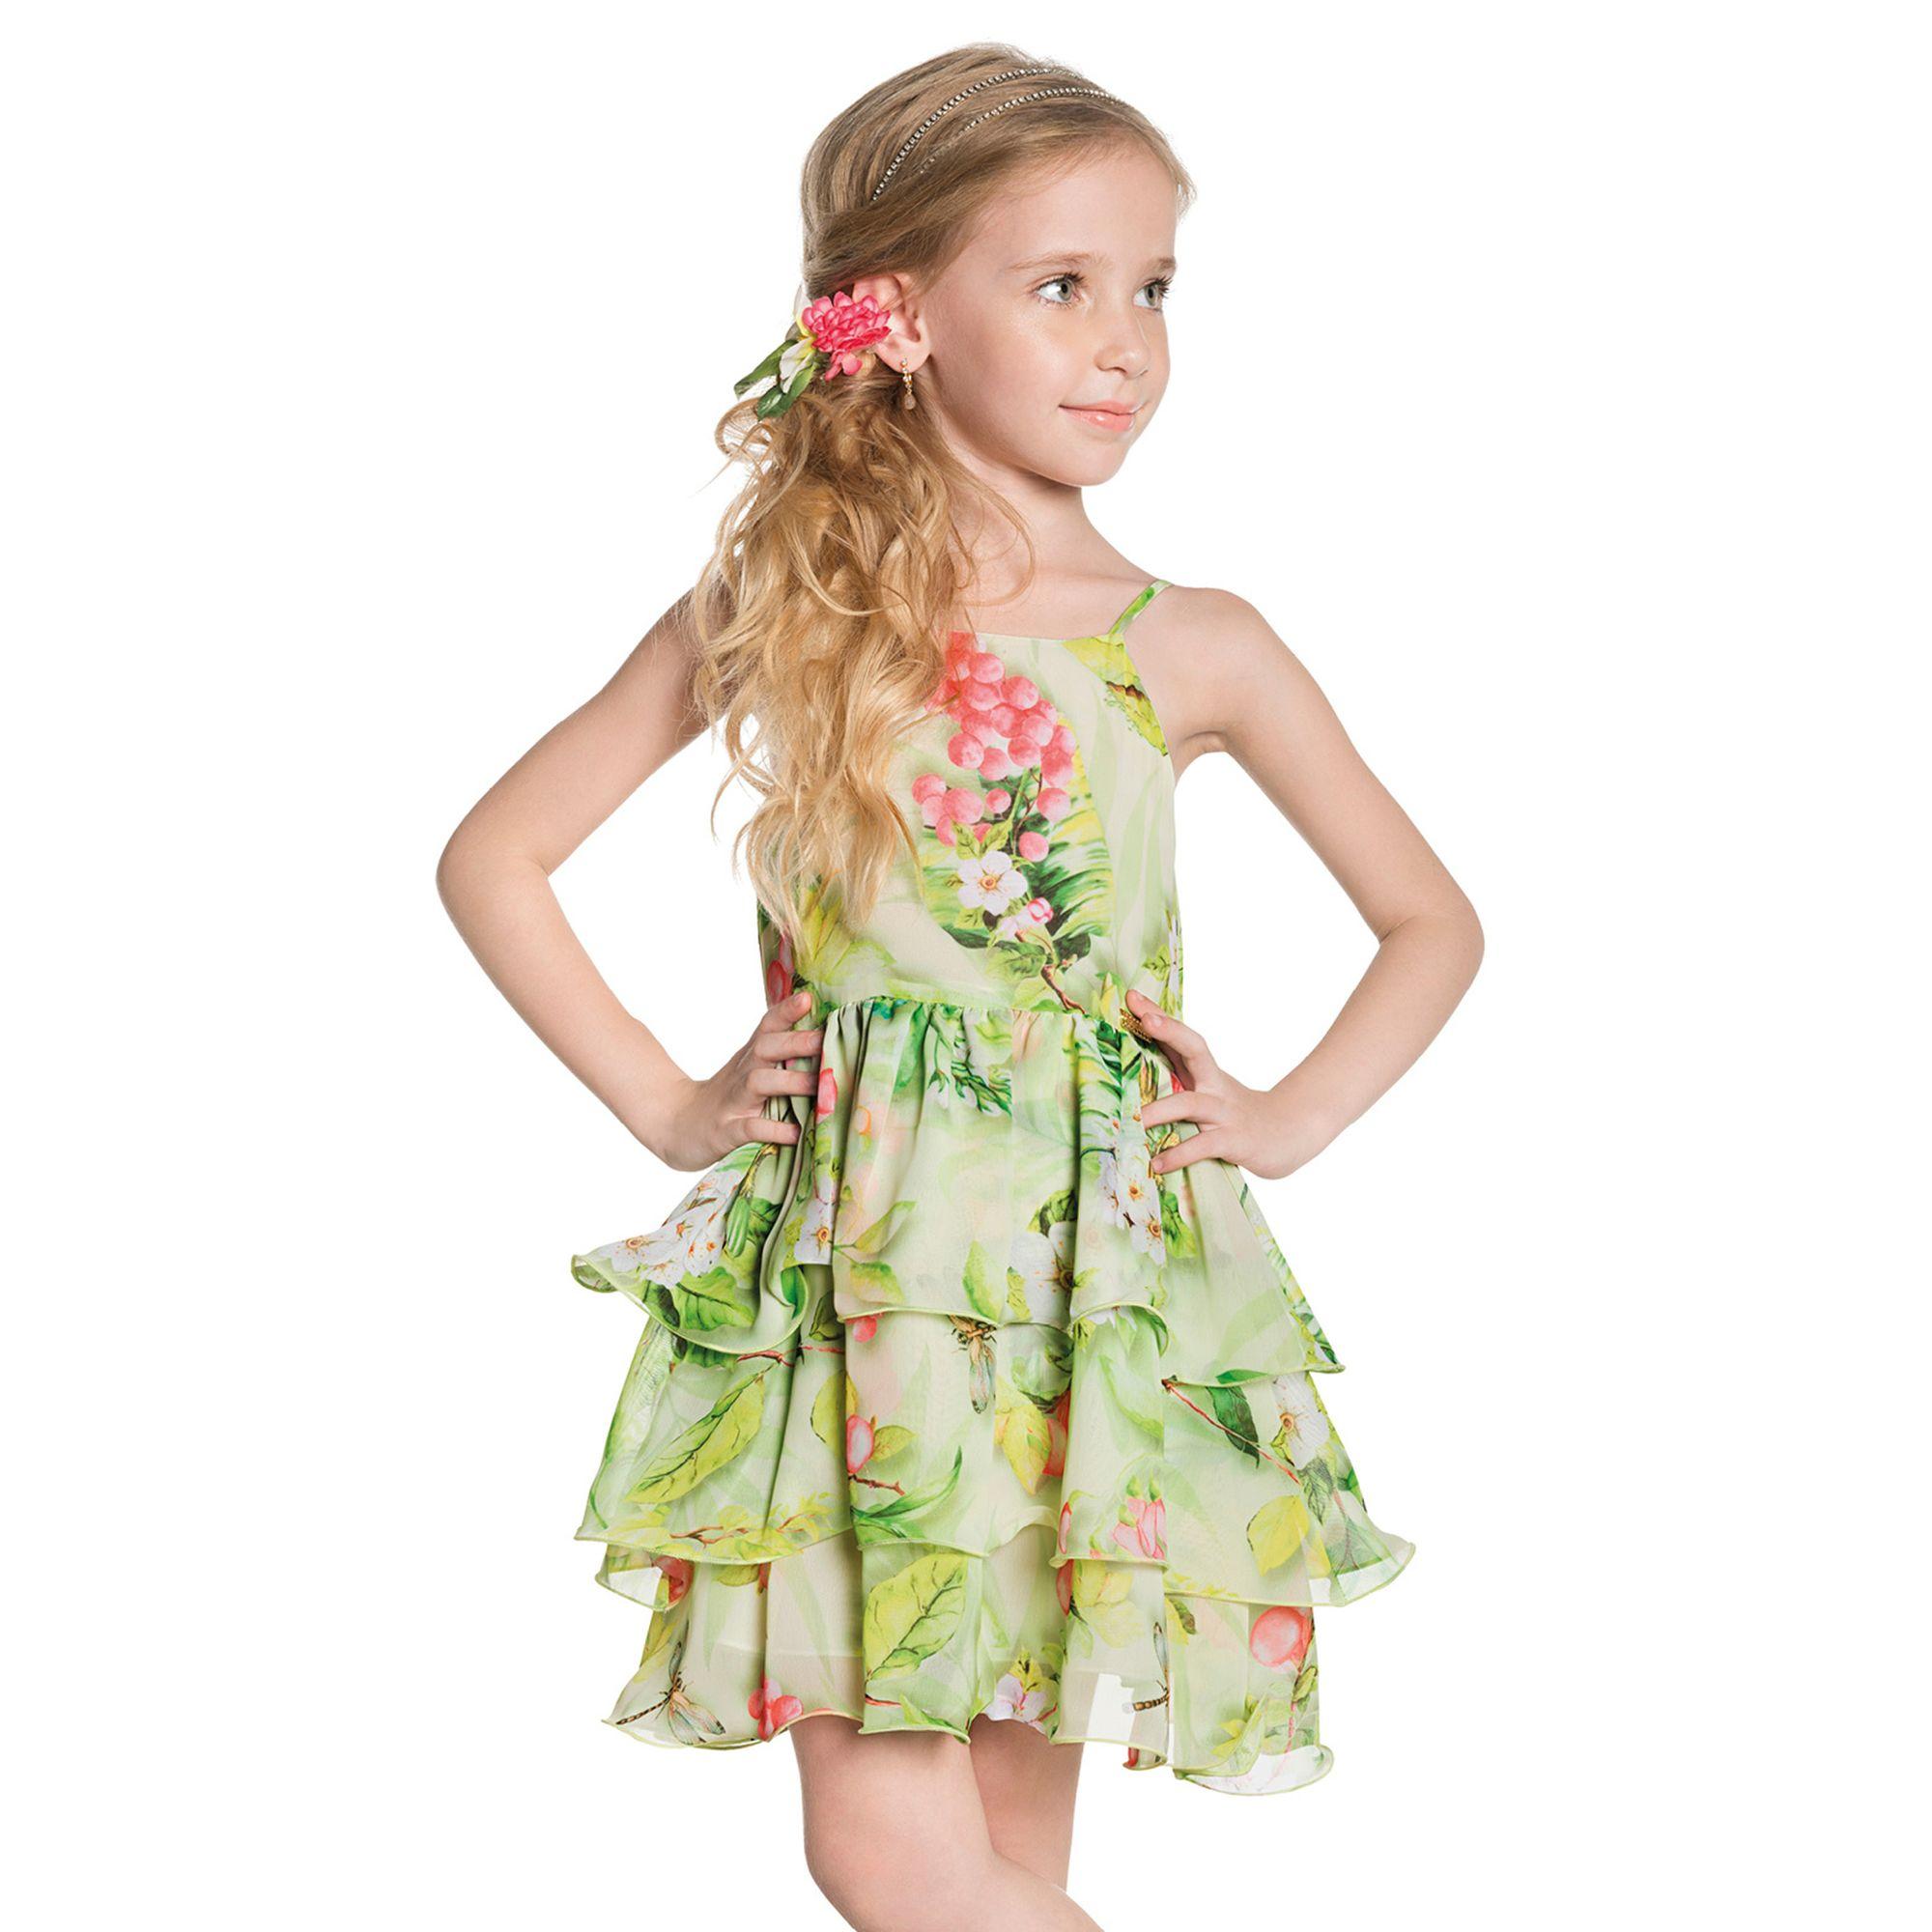 6cbbf467ab9d Vestido Infantil Flores e Folhas Verde Ninali - Roupas para Meninas na  EcaMeleca Kids - EcaMeleca